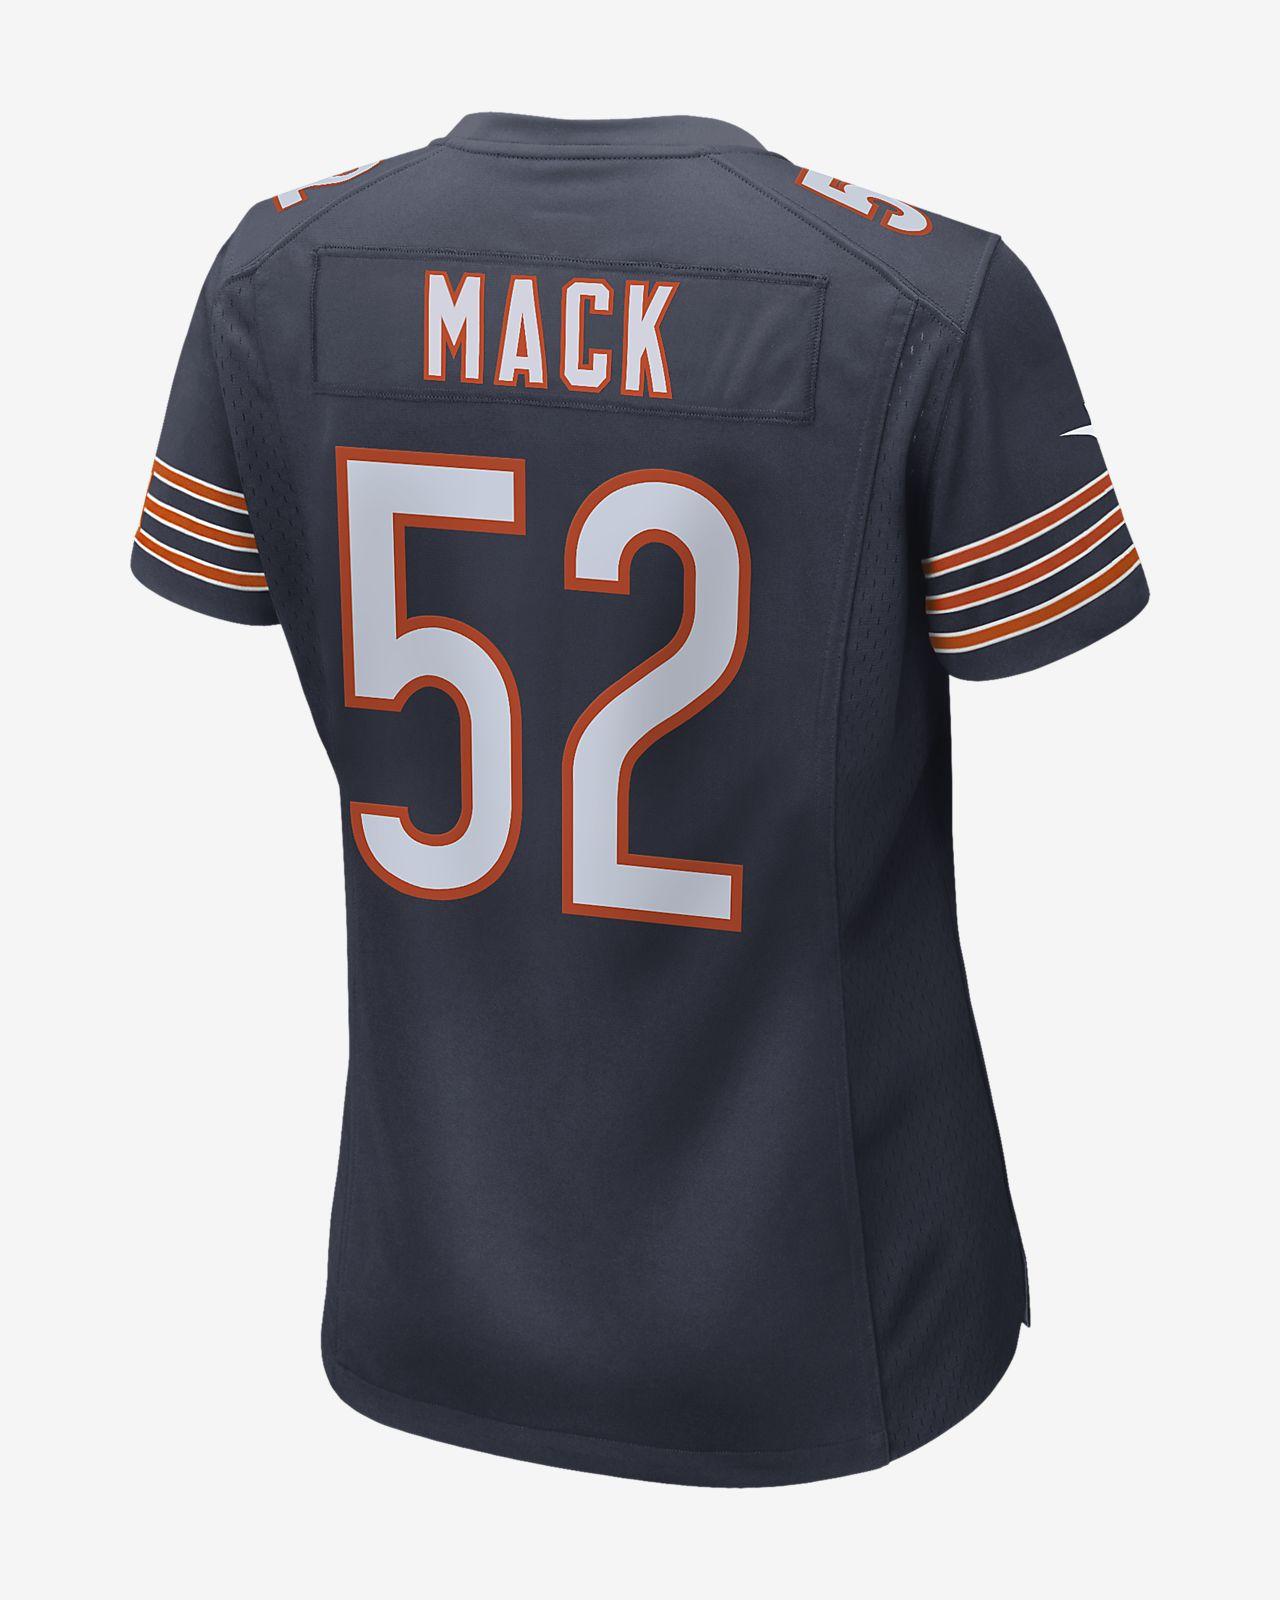 best service 87e63 283a4 NFL Chicago Bears (Khalil Mack) Women's Game Football Jersey